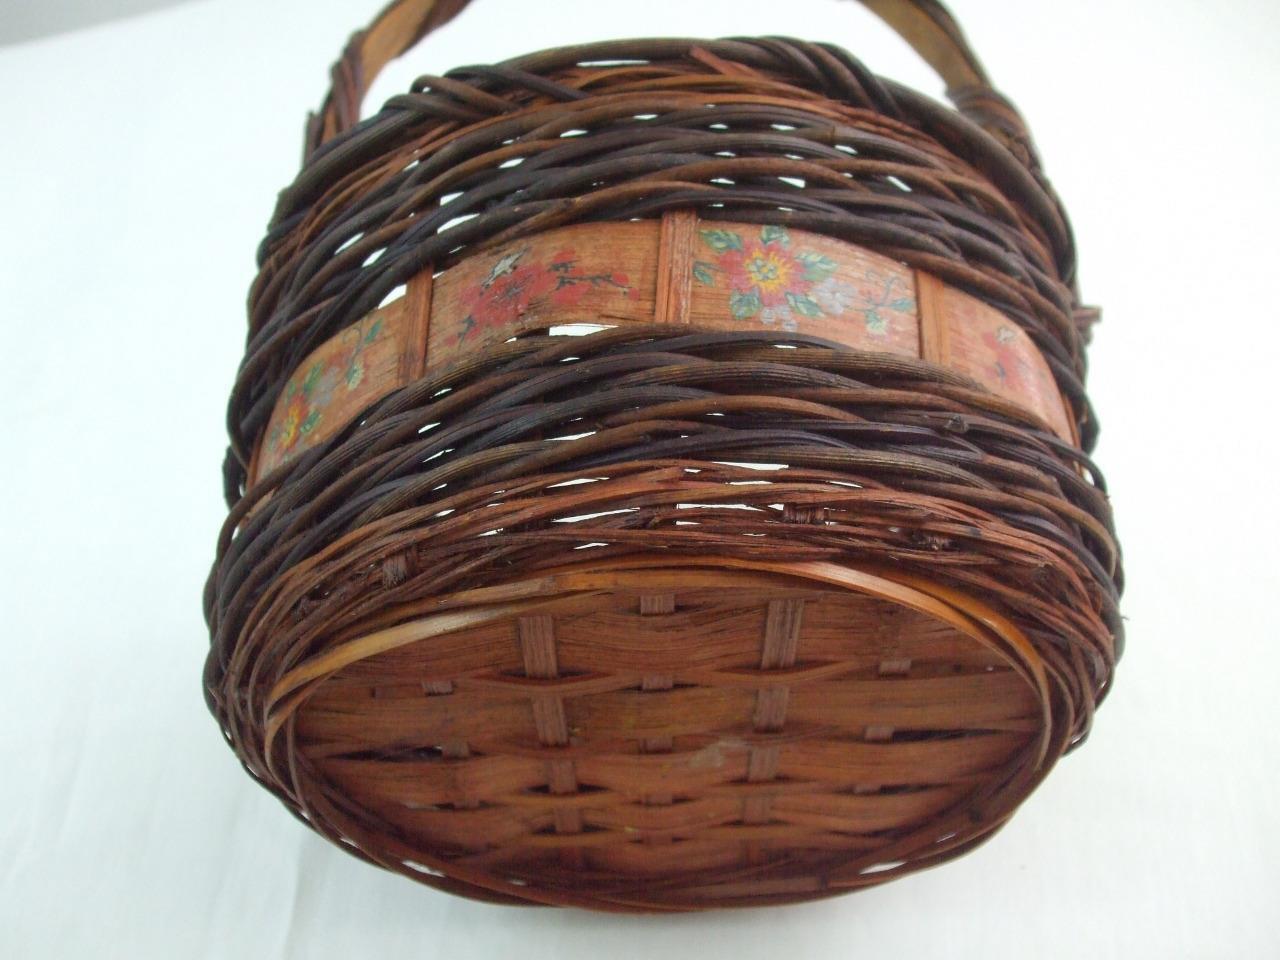 Dark Wicker Baskets With Handles : Vintage wicker woven basket w handle dark brown round quot tall